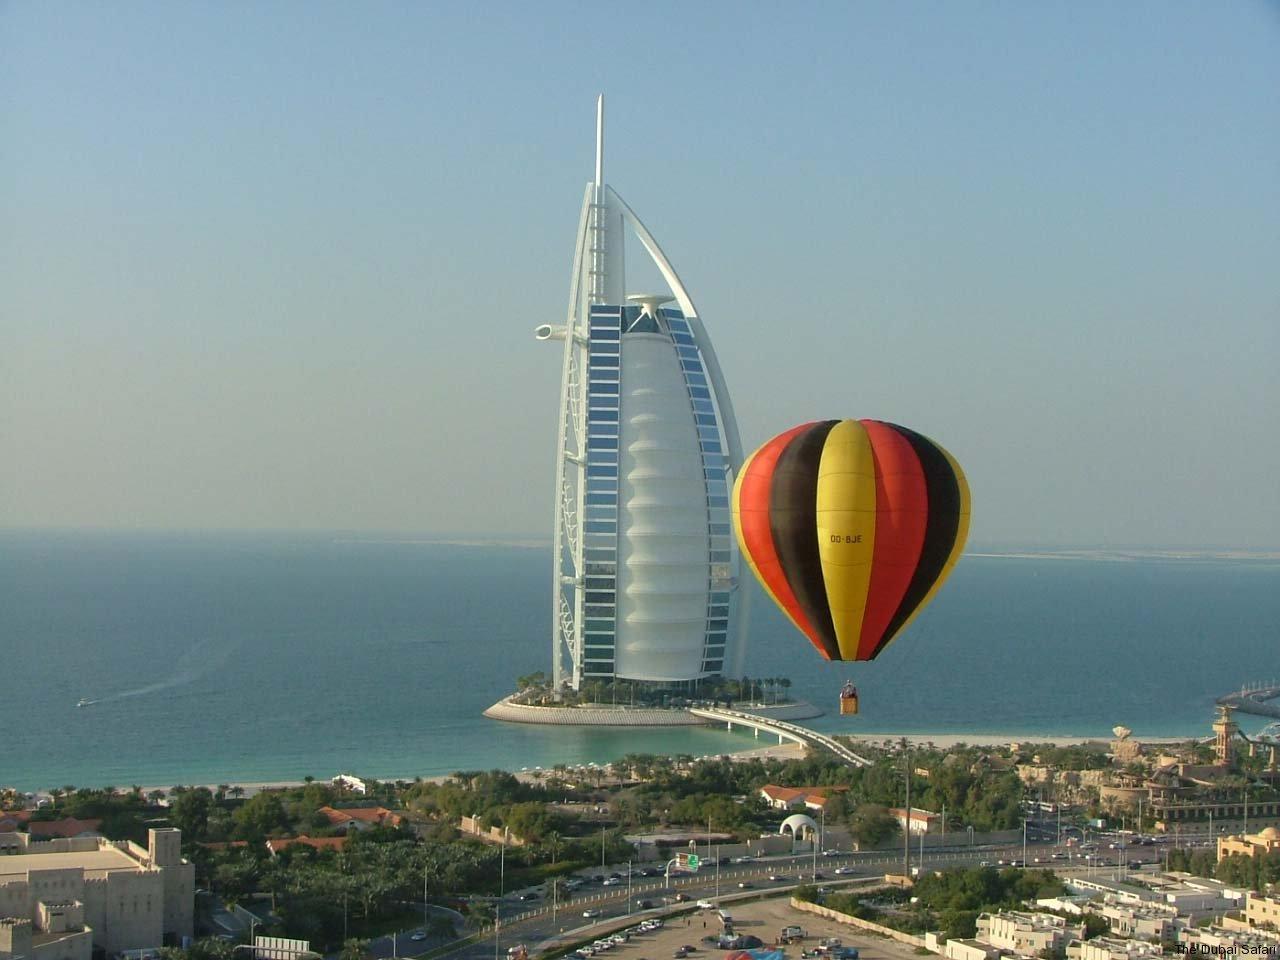 دليلك لشهر عسل في الإمارات ركوب منطاد الهواء الساخن